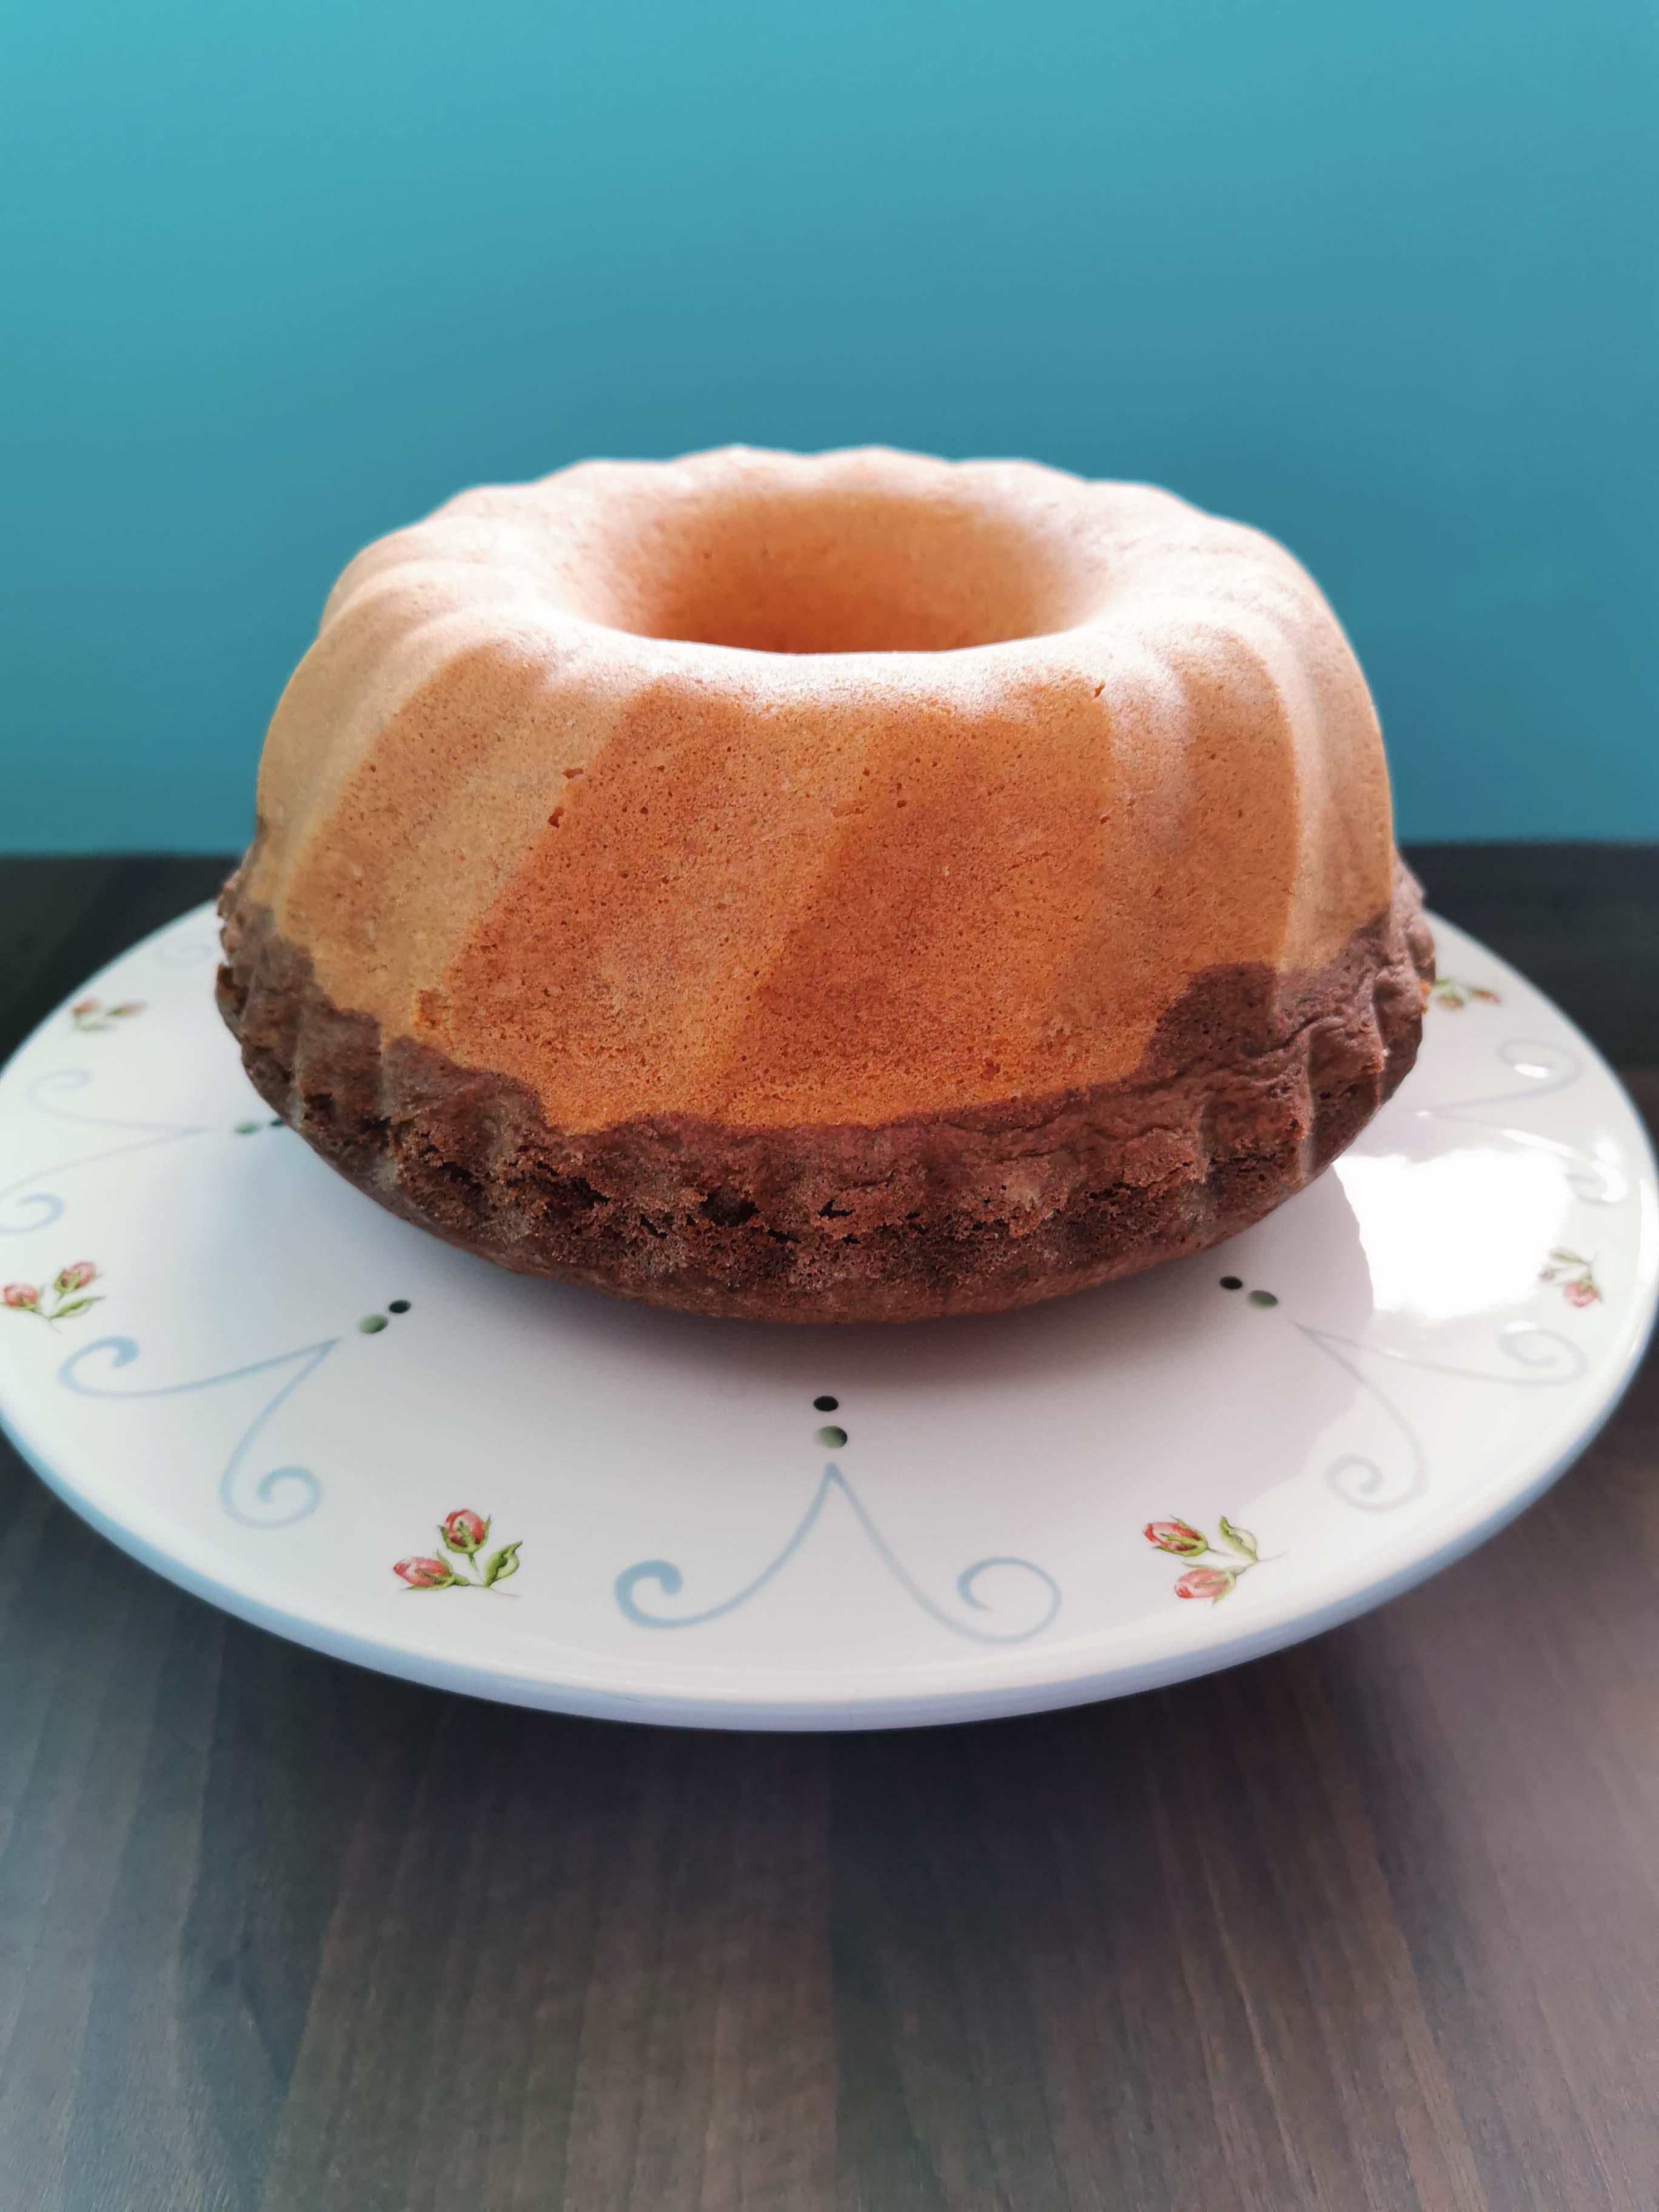 tulband met boon voor Driekoningen op een taartplateau